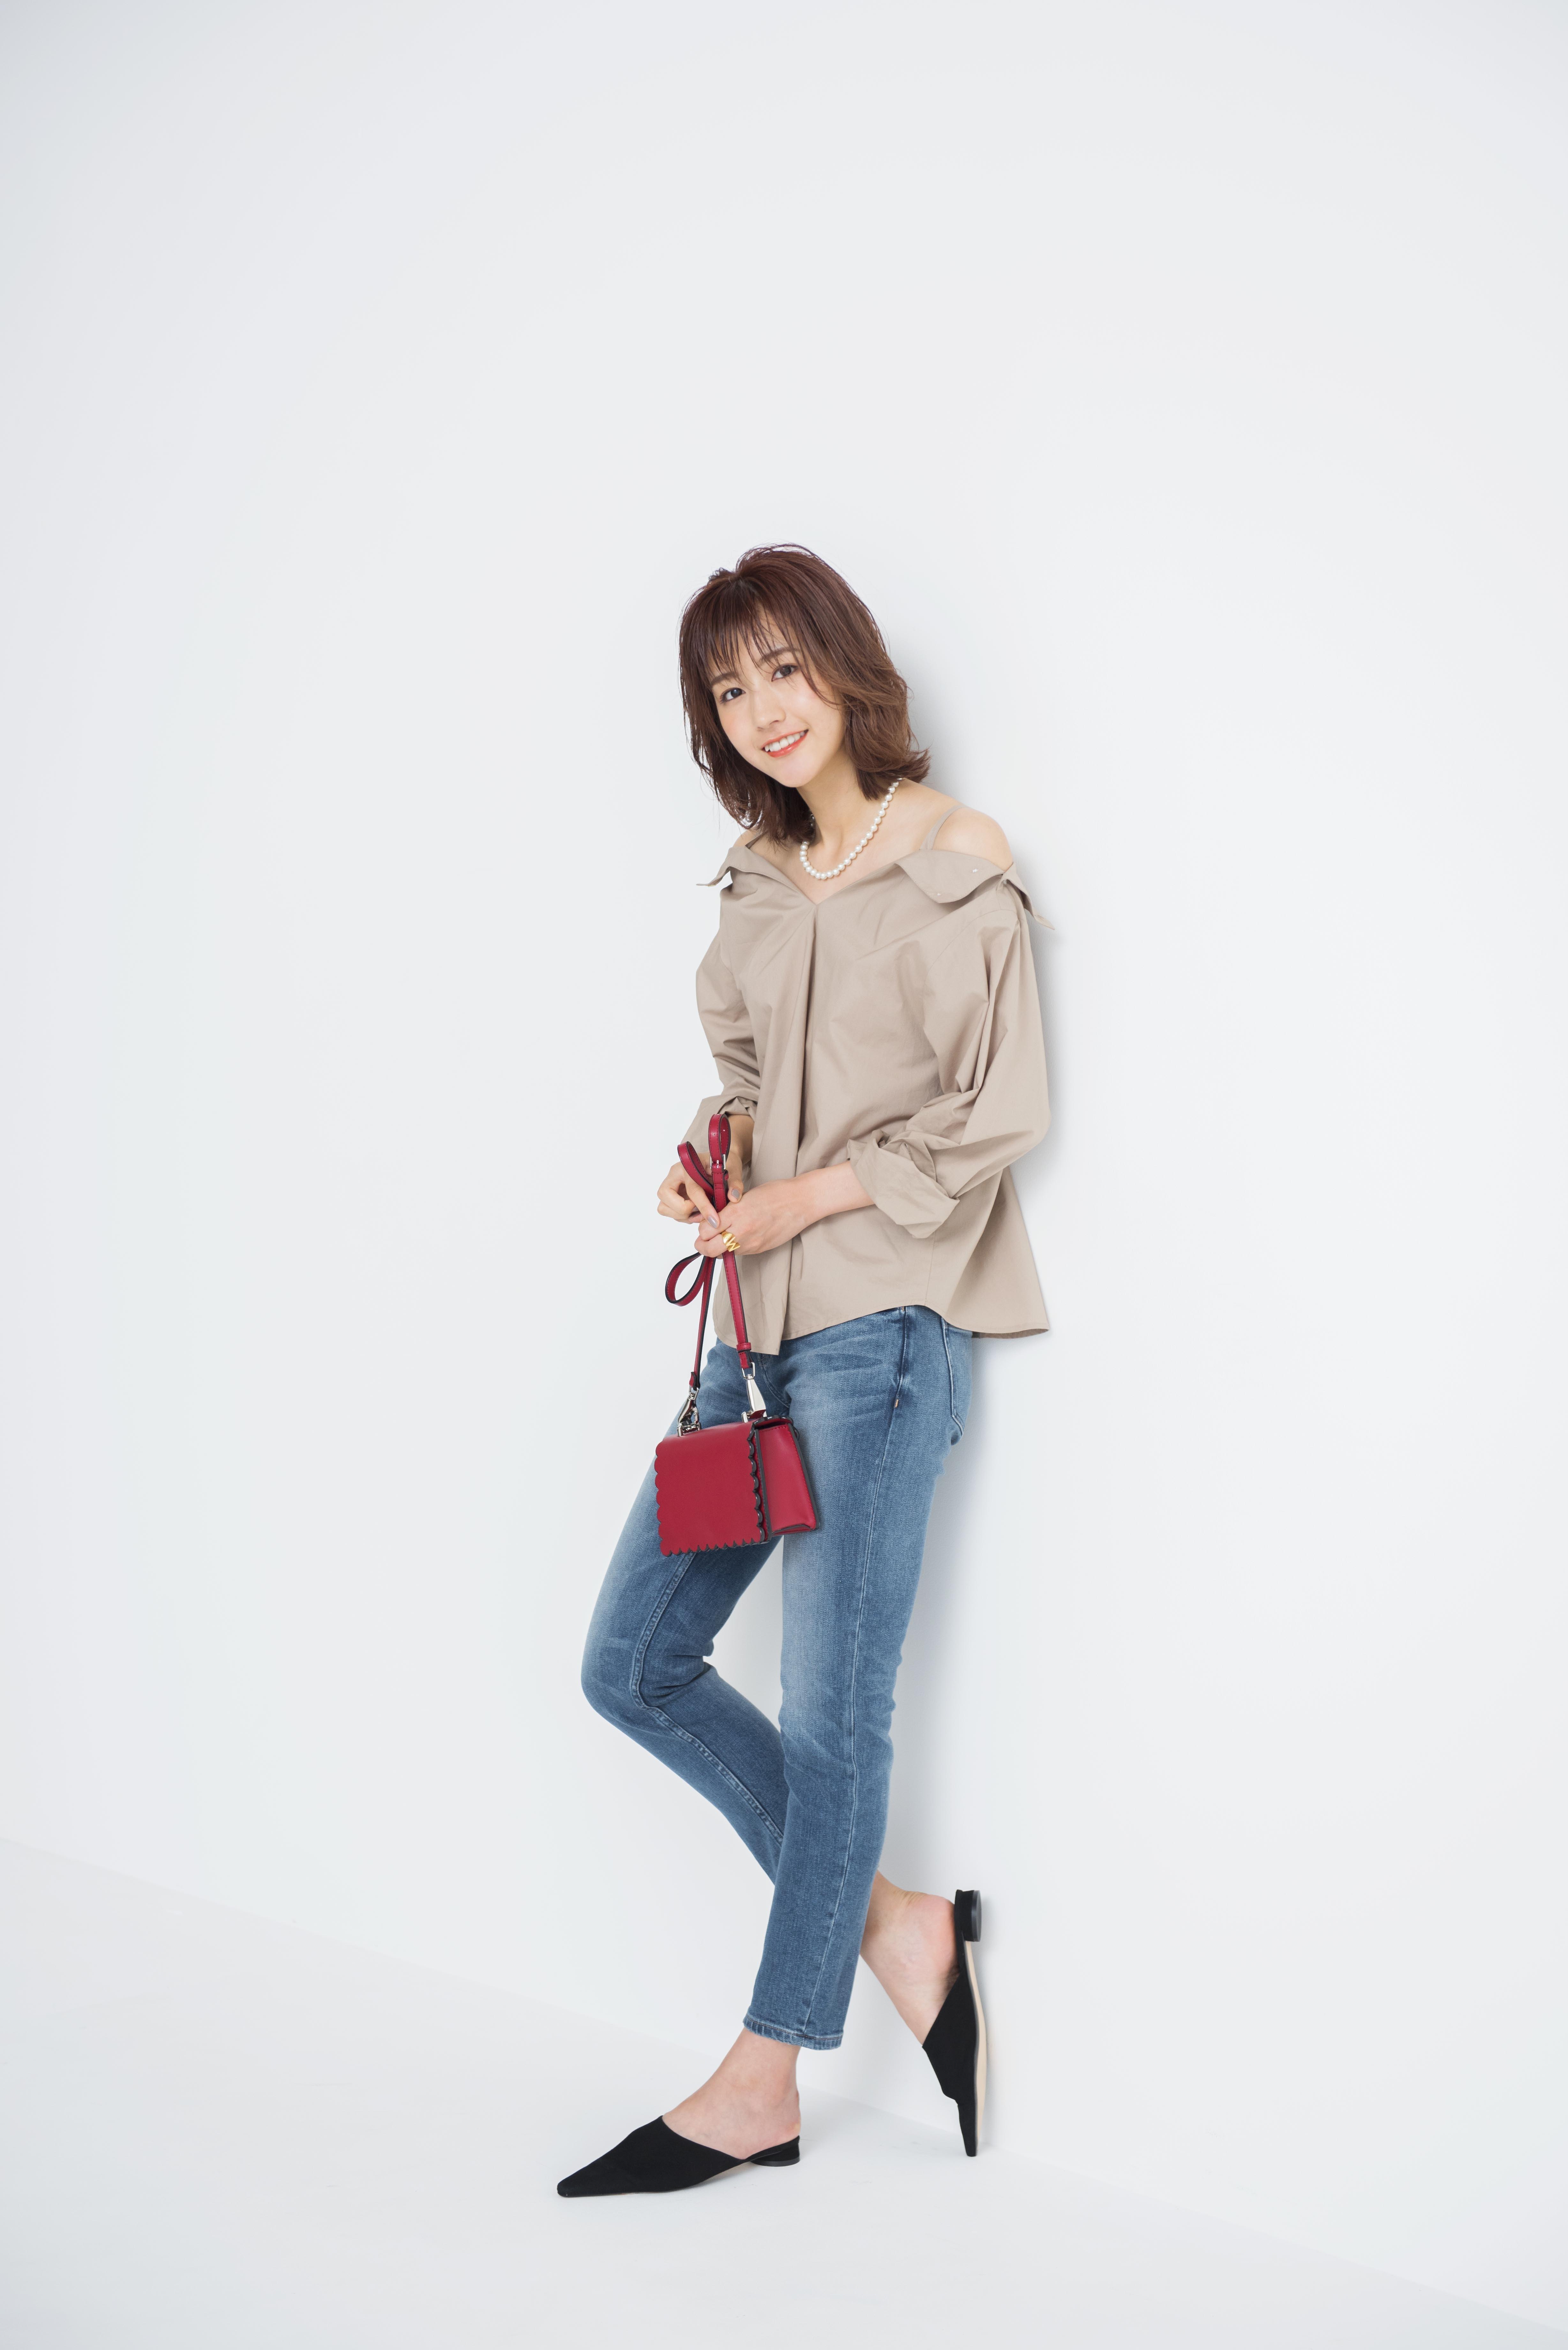 欅坂46土生瑞穂が着こなす「背が高いからこそ似合う美人コーデ」